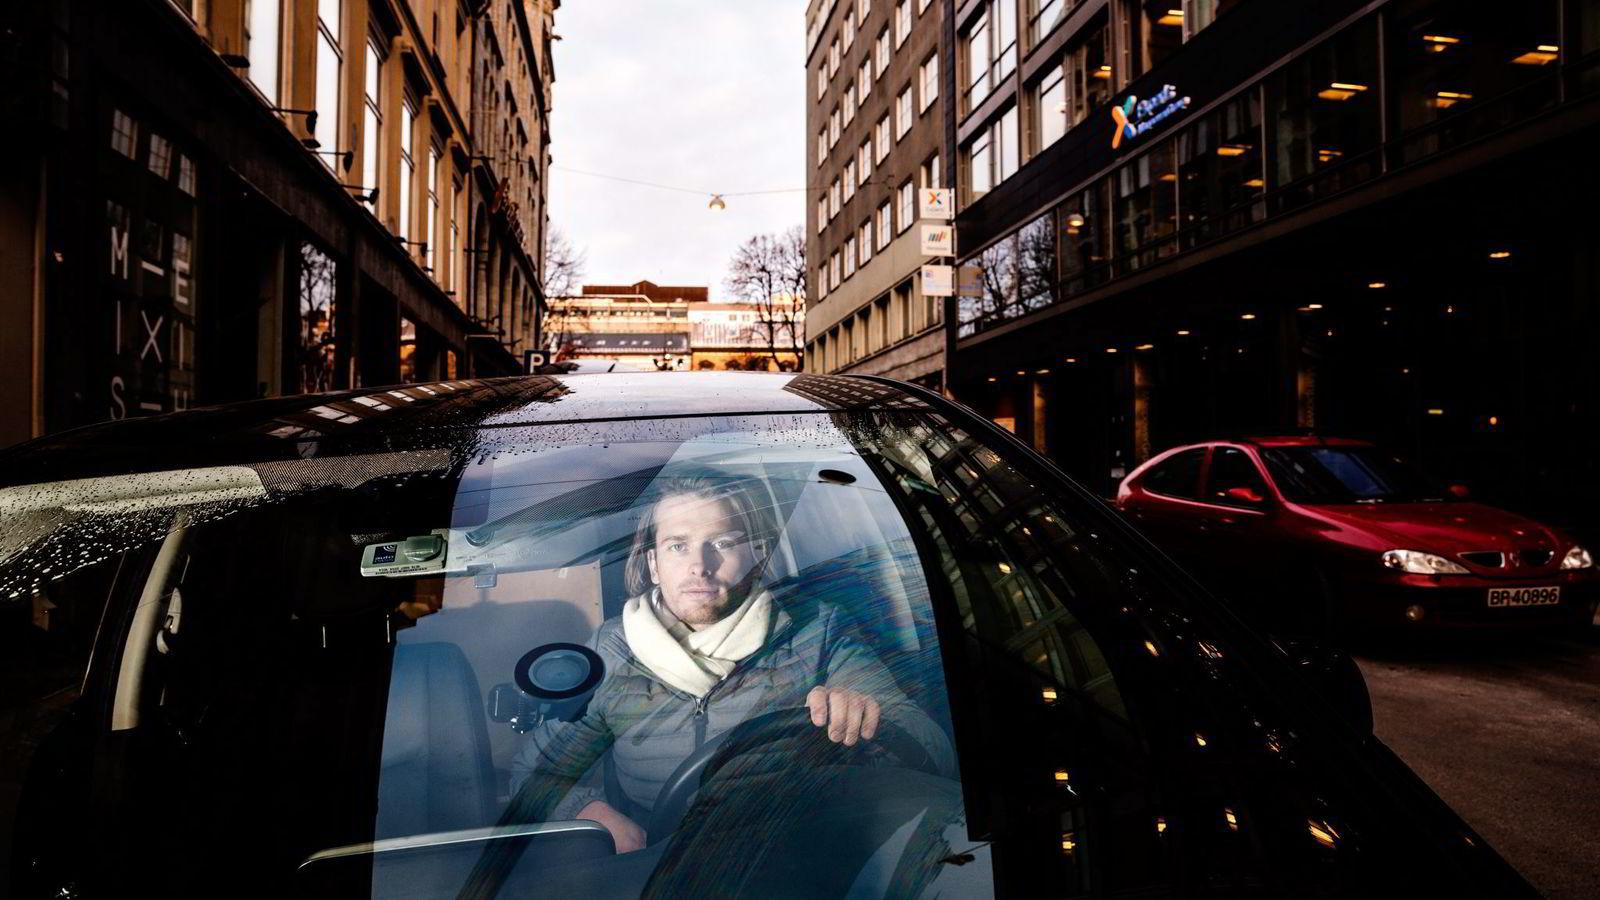 Bilen Kim Haagensen (31) brukte som Uber-sjåfør ble avskiltet i tre måneder. Leiebilen betales av Uber, men Haagensen er ikke Uber-sjåfør lenger. Foto: Per Thrana.